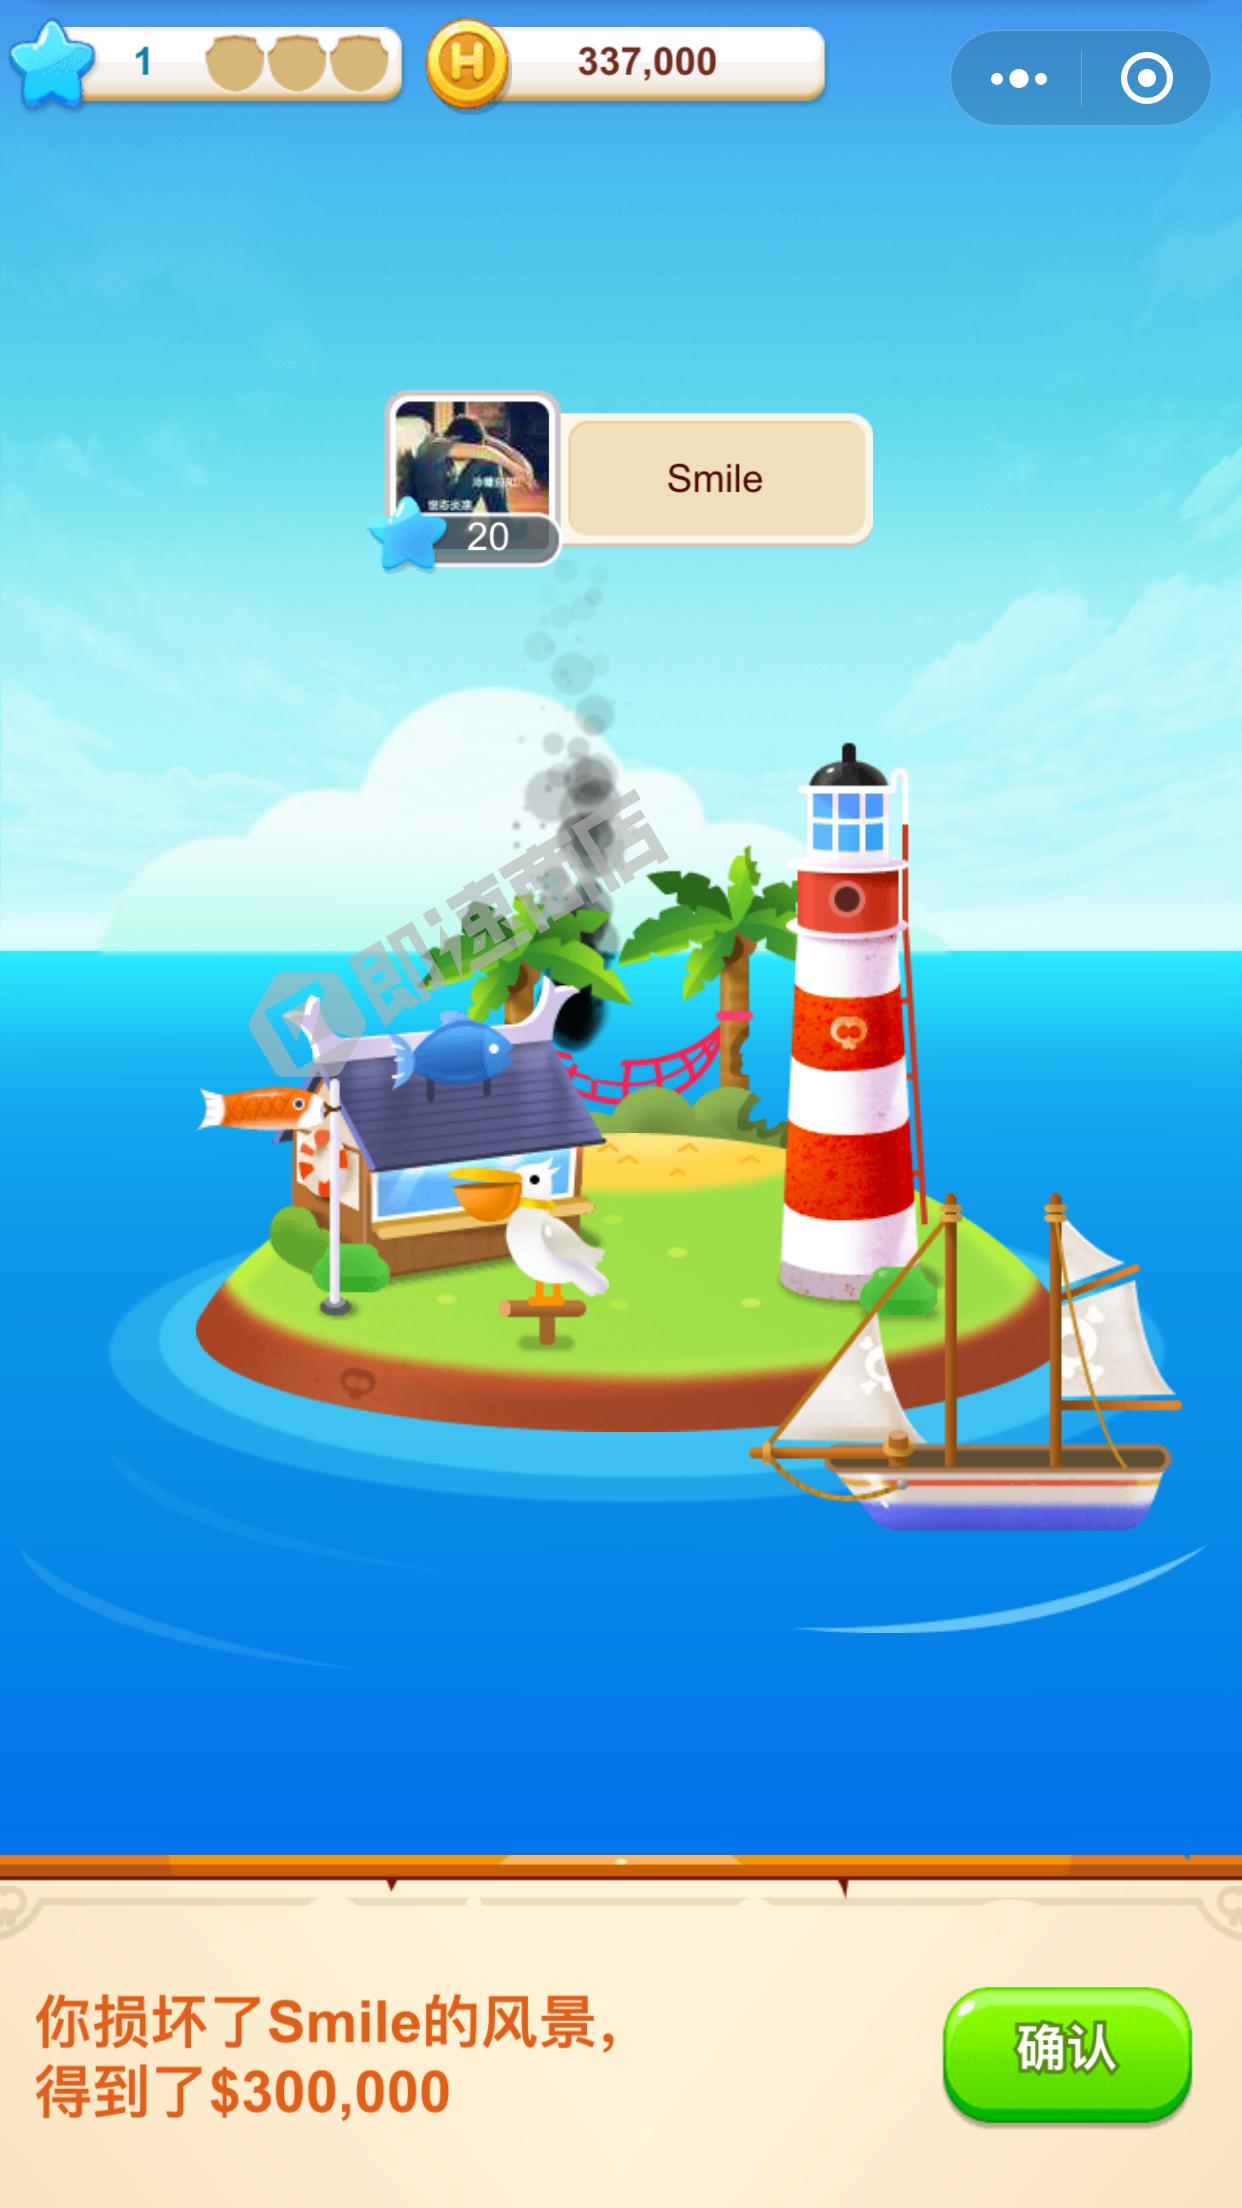 海盗来了小程序首页截图